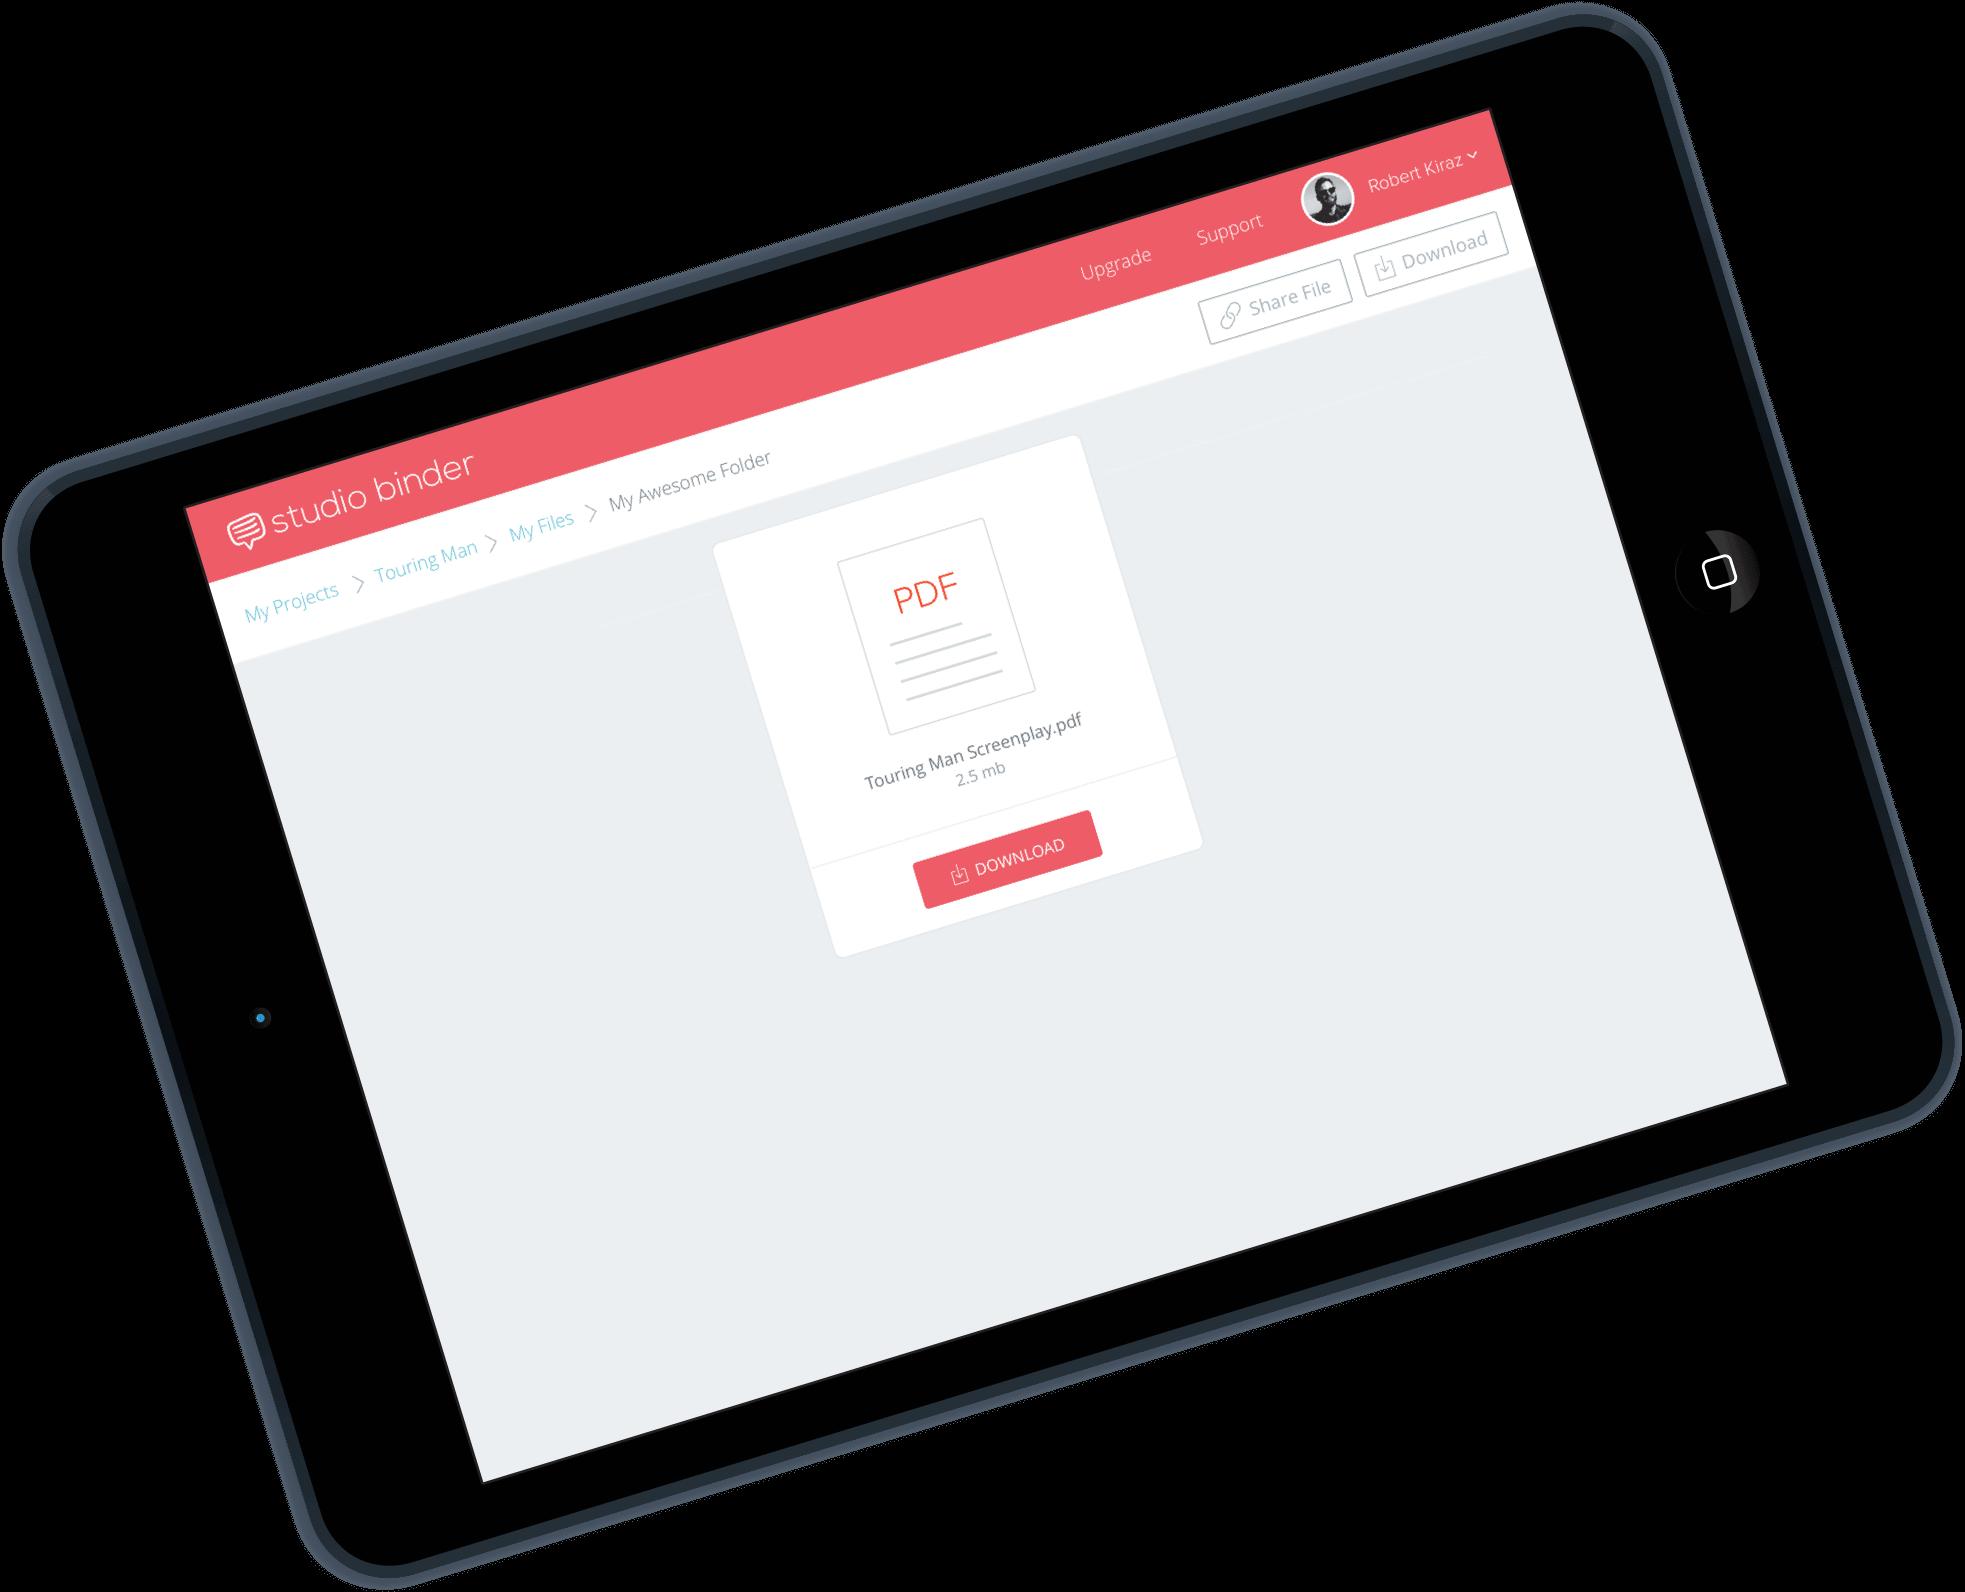 Film and TV Production Management Software - Online File Sharing iPad Tablet - StudioBinder - mobile-min